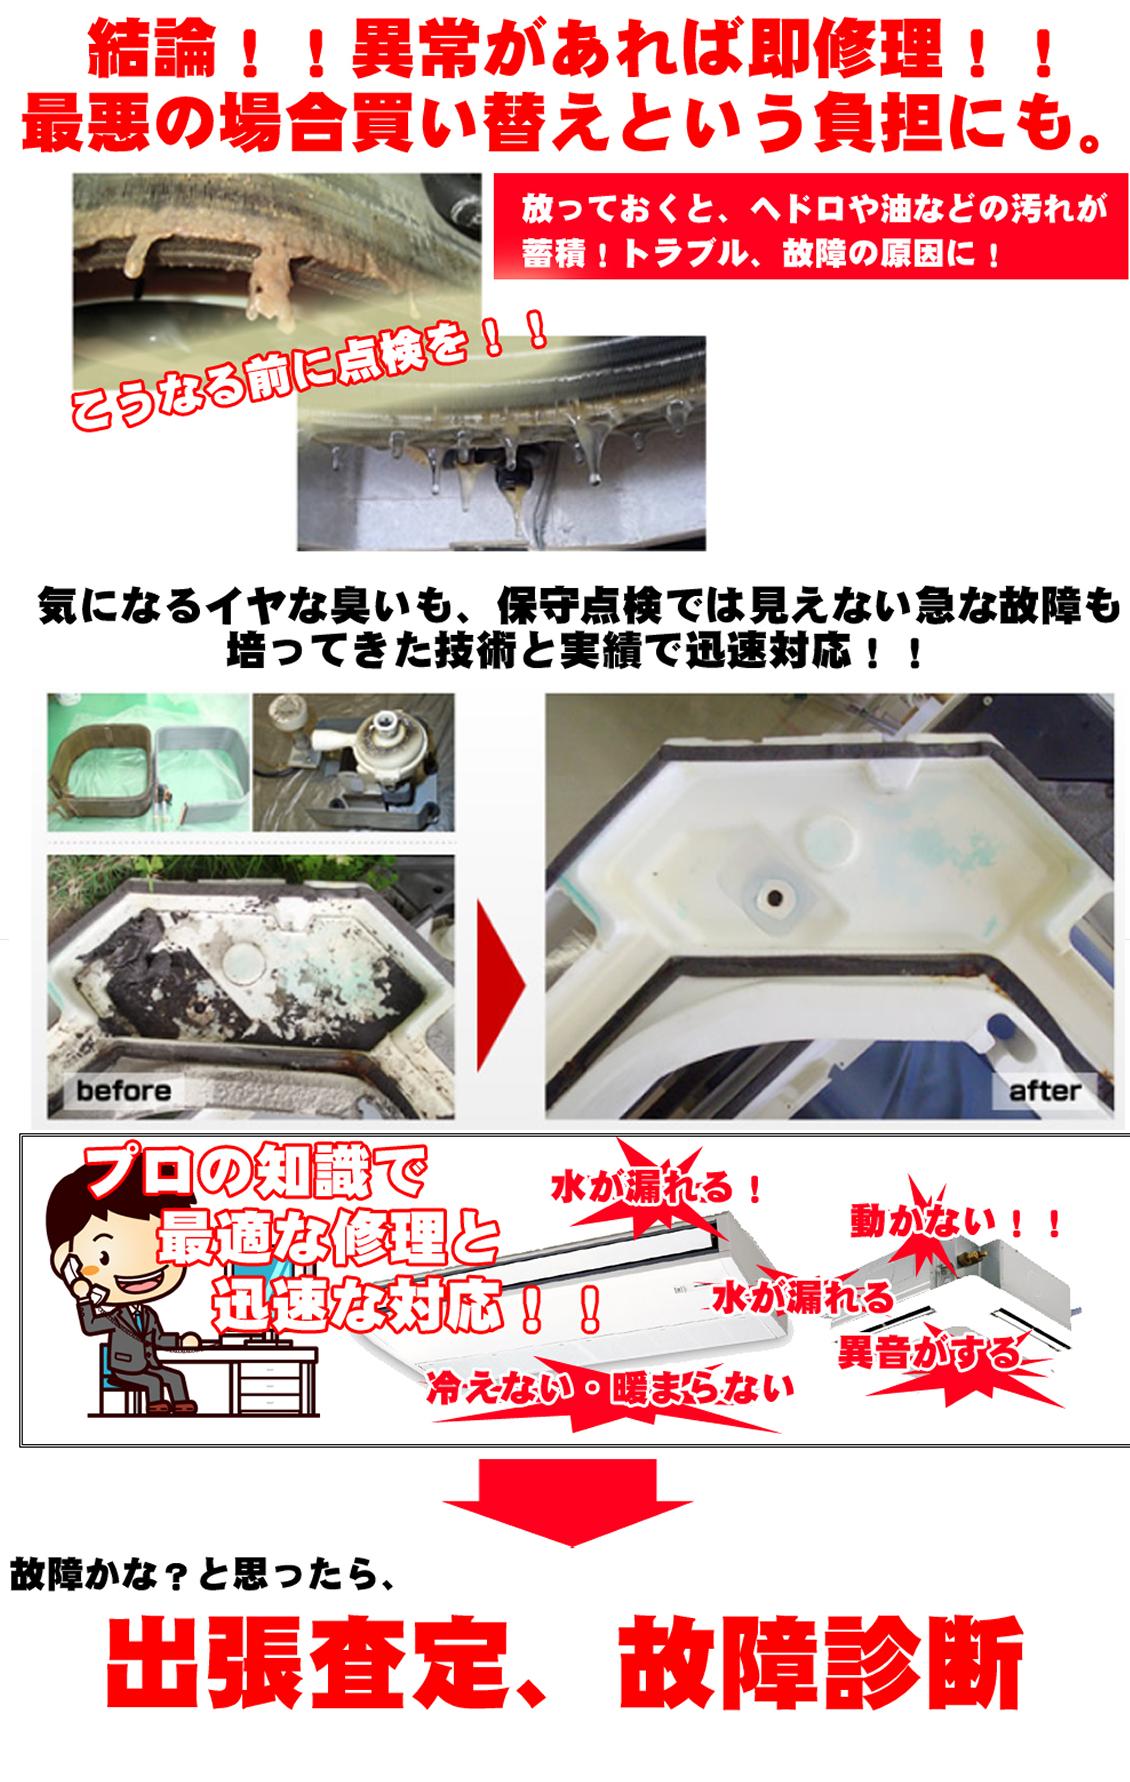 kanekura_hoshu_r6_c2